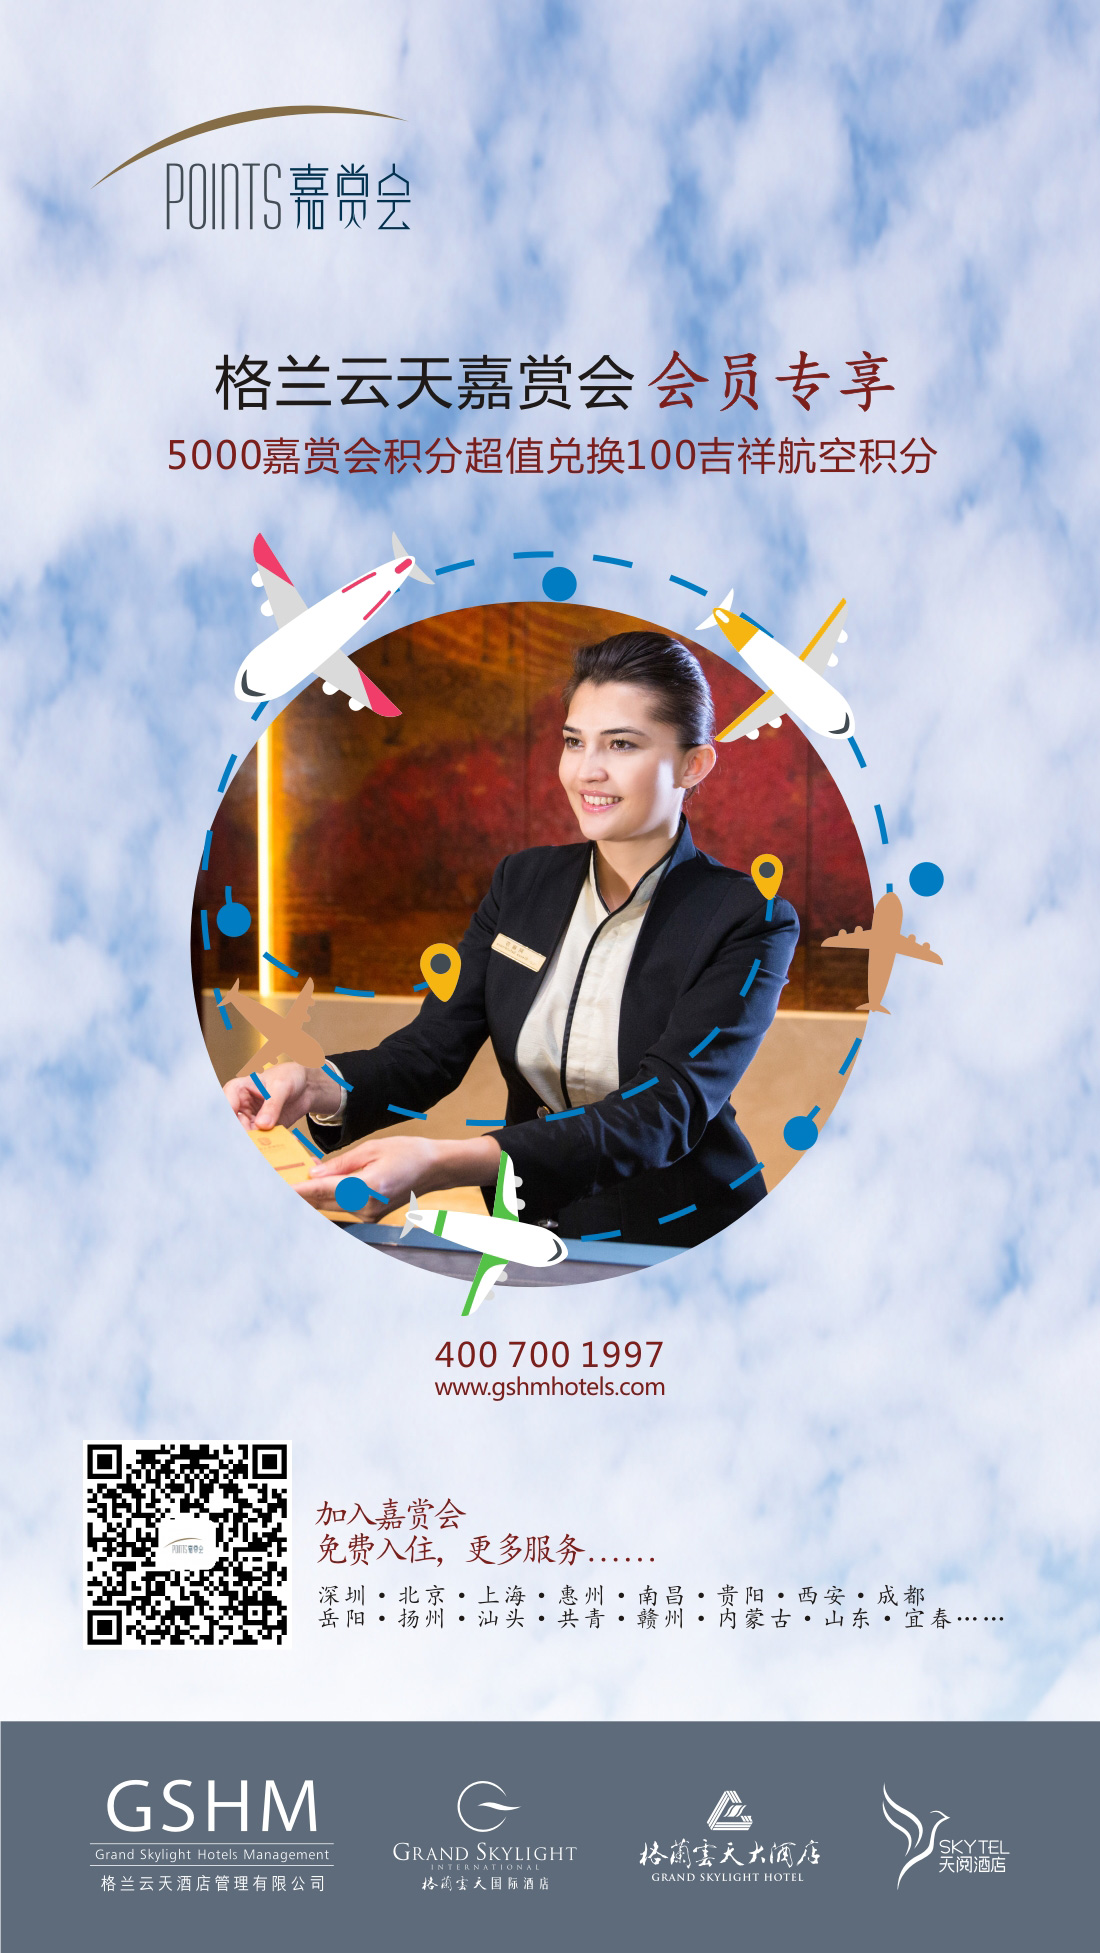 C:\Users\zhanghao1\Desktop\网页(12-22-16-23-02).jpg